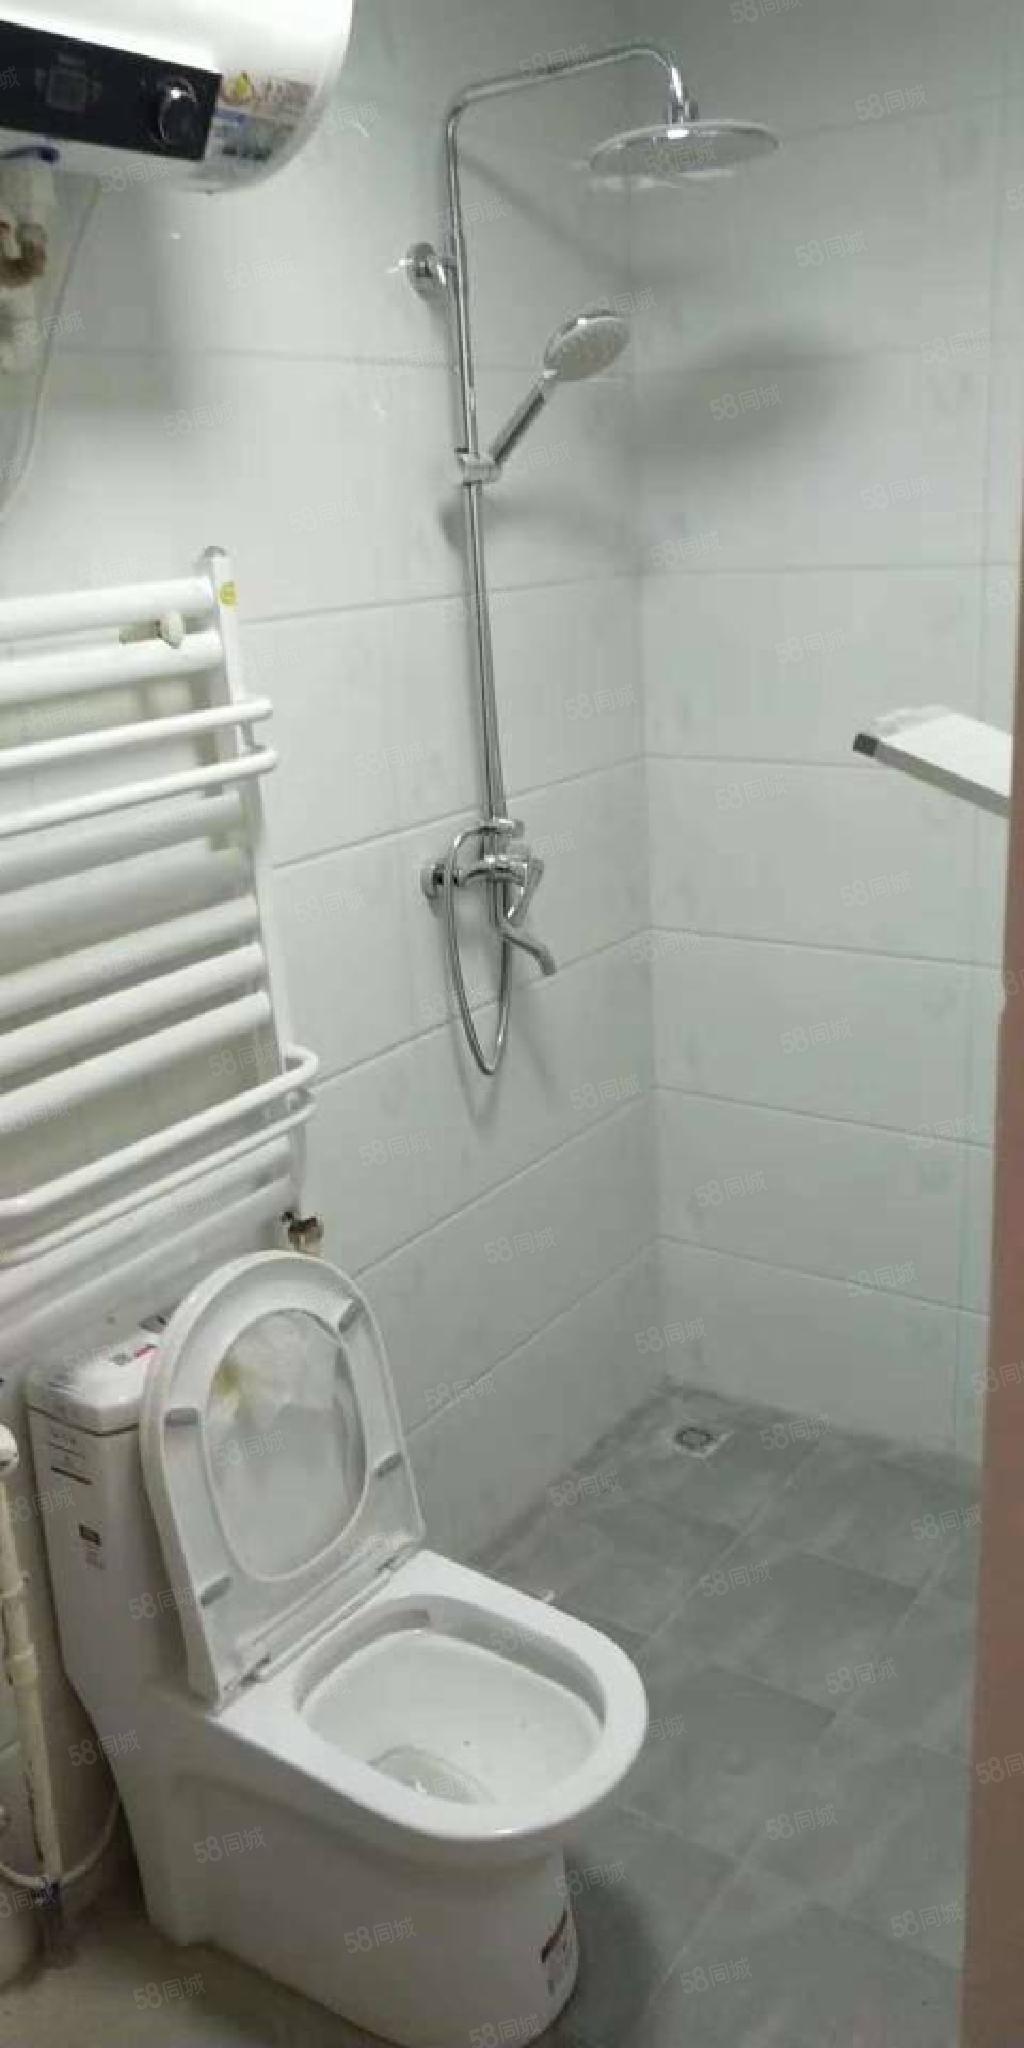 泺亨国际,精装修,热水器,温馨舒适